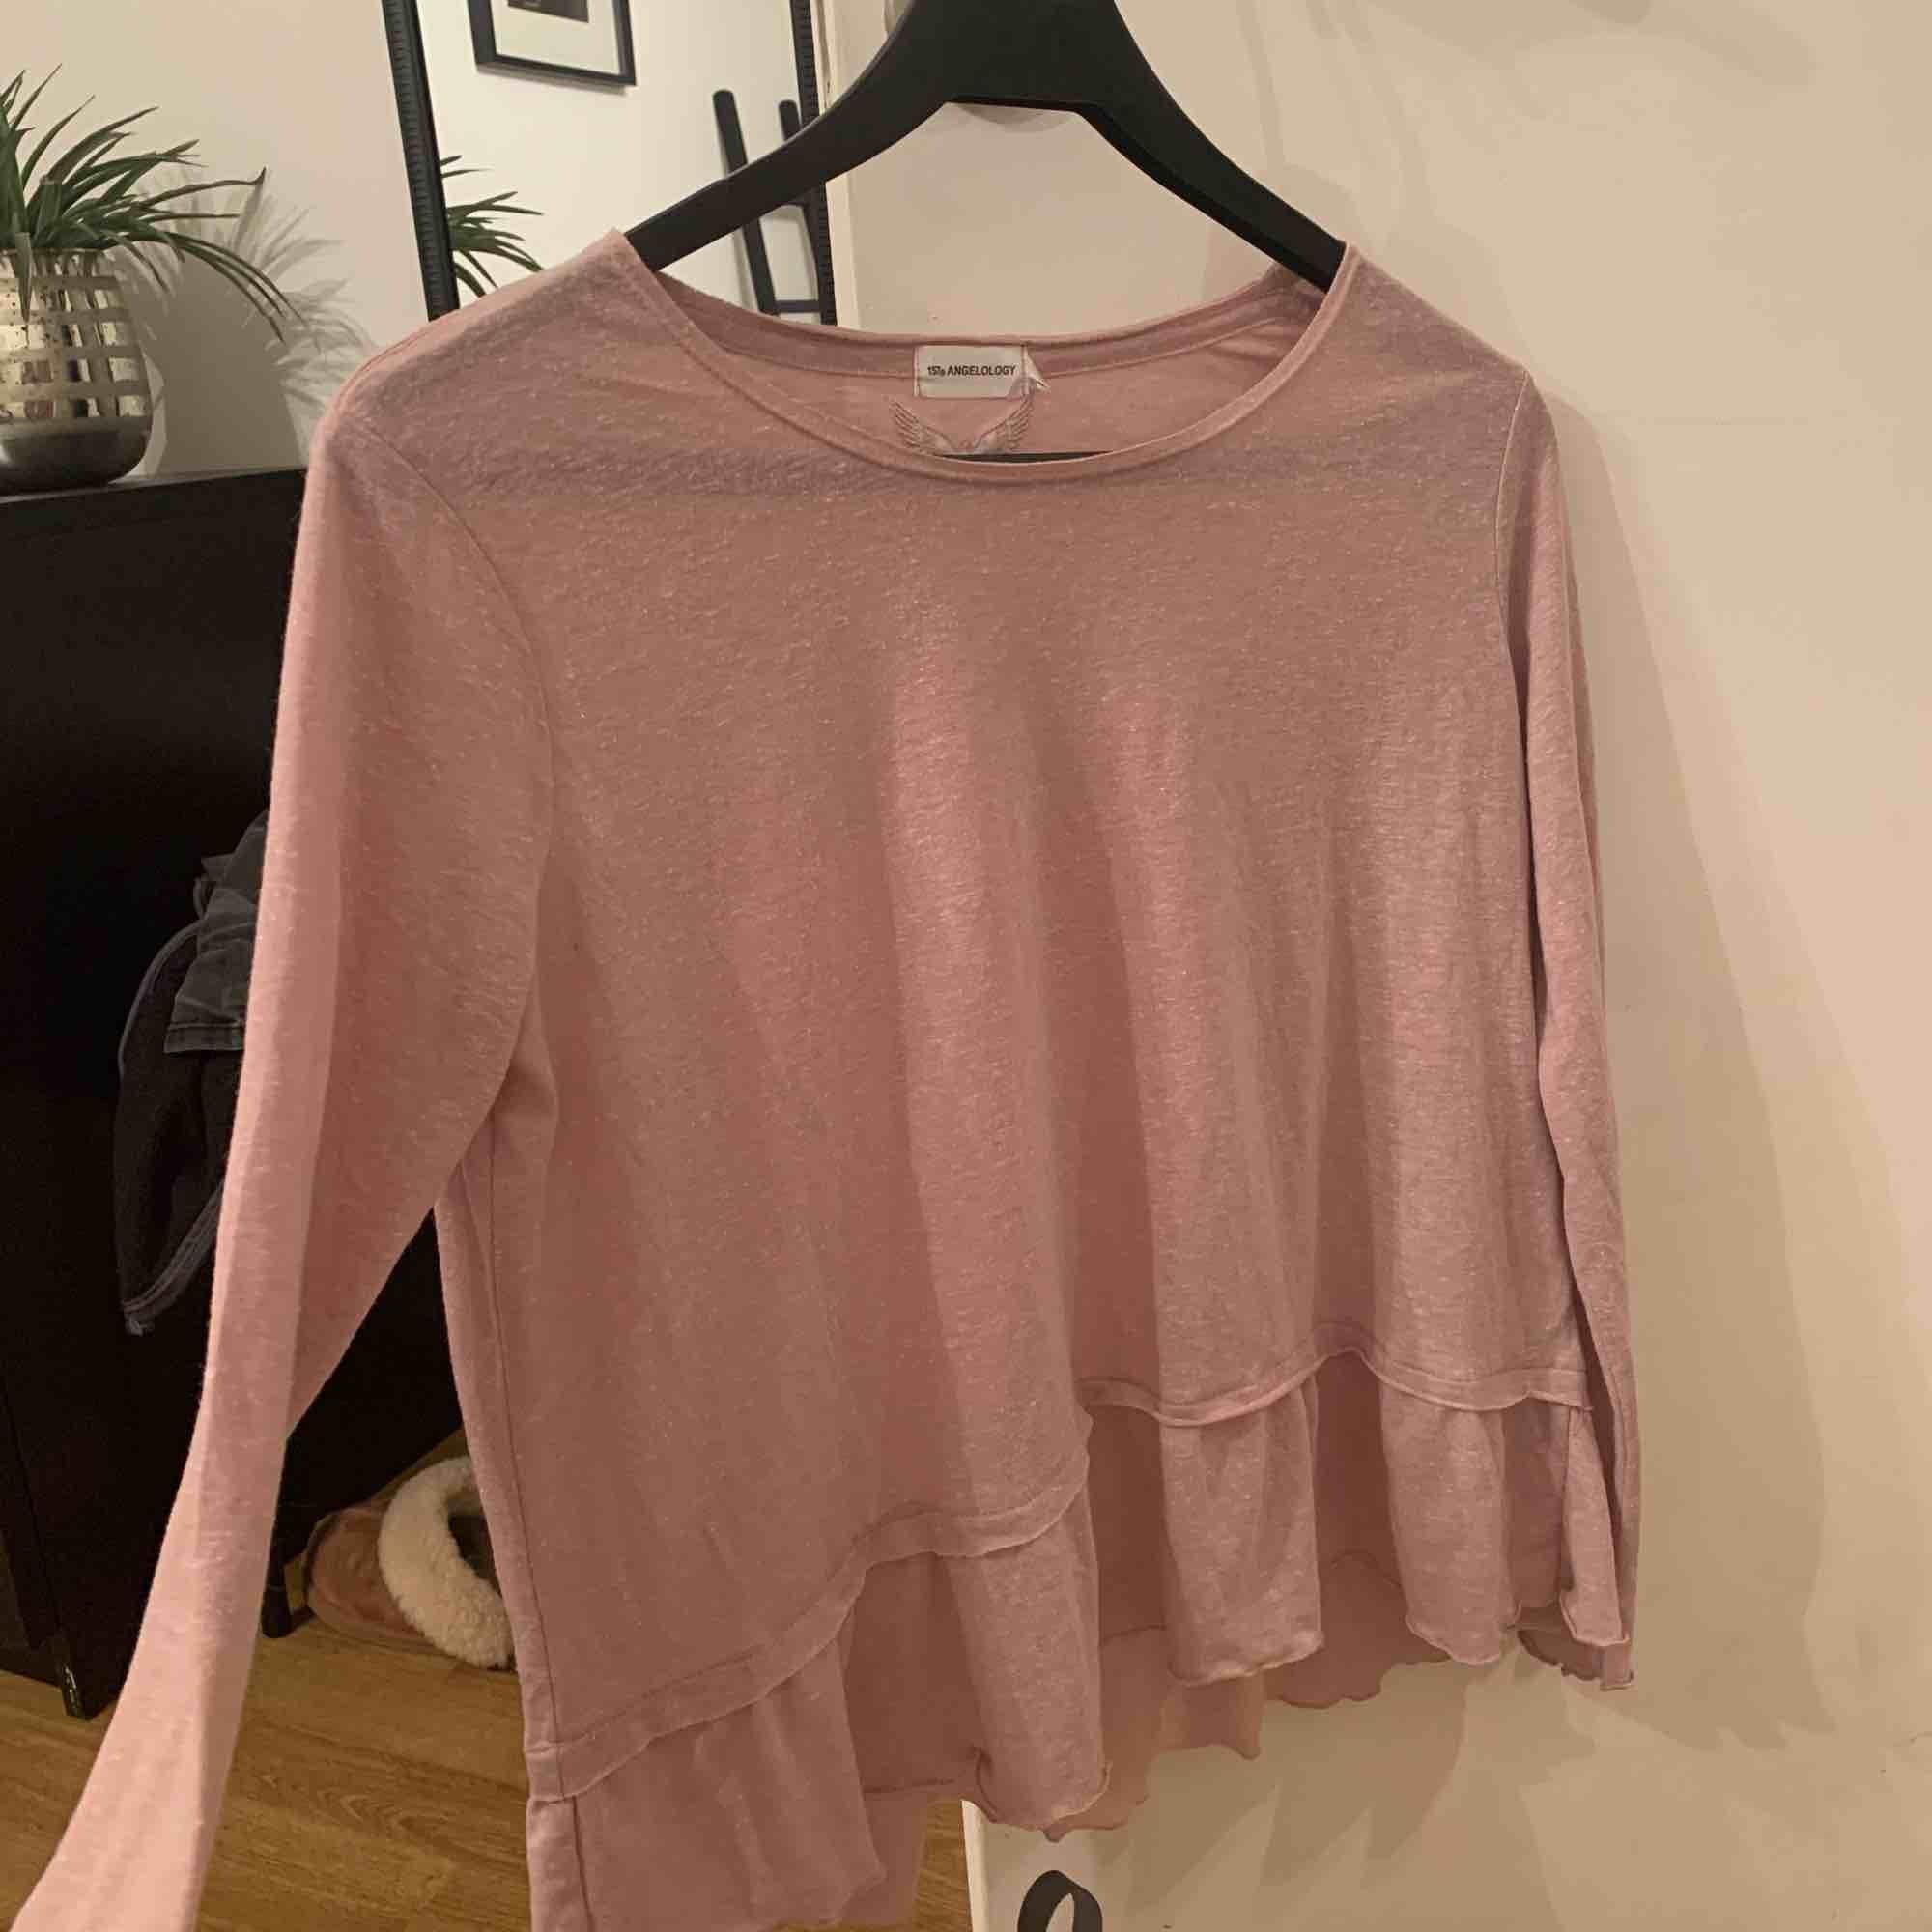 Hur gullig rosa aktig tröja från lager 157. Köpte för ungefär 100 och säljer nu för 80 då jag aldrig använt den. I väldig bra kvalitet. Pris kan diskuteras.. Tröjor & Koftor.